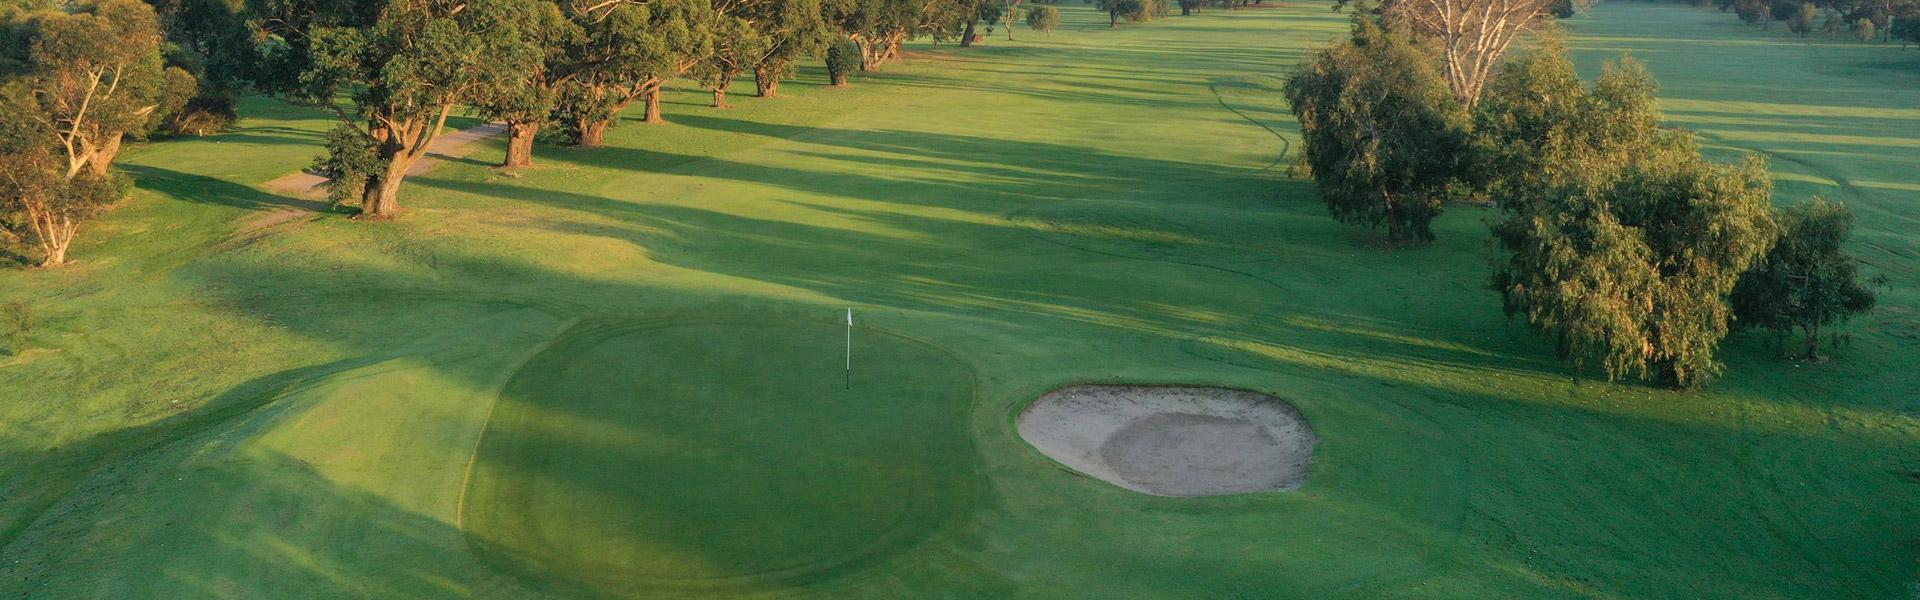 Hole 14 - Rossdale Golf Club